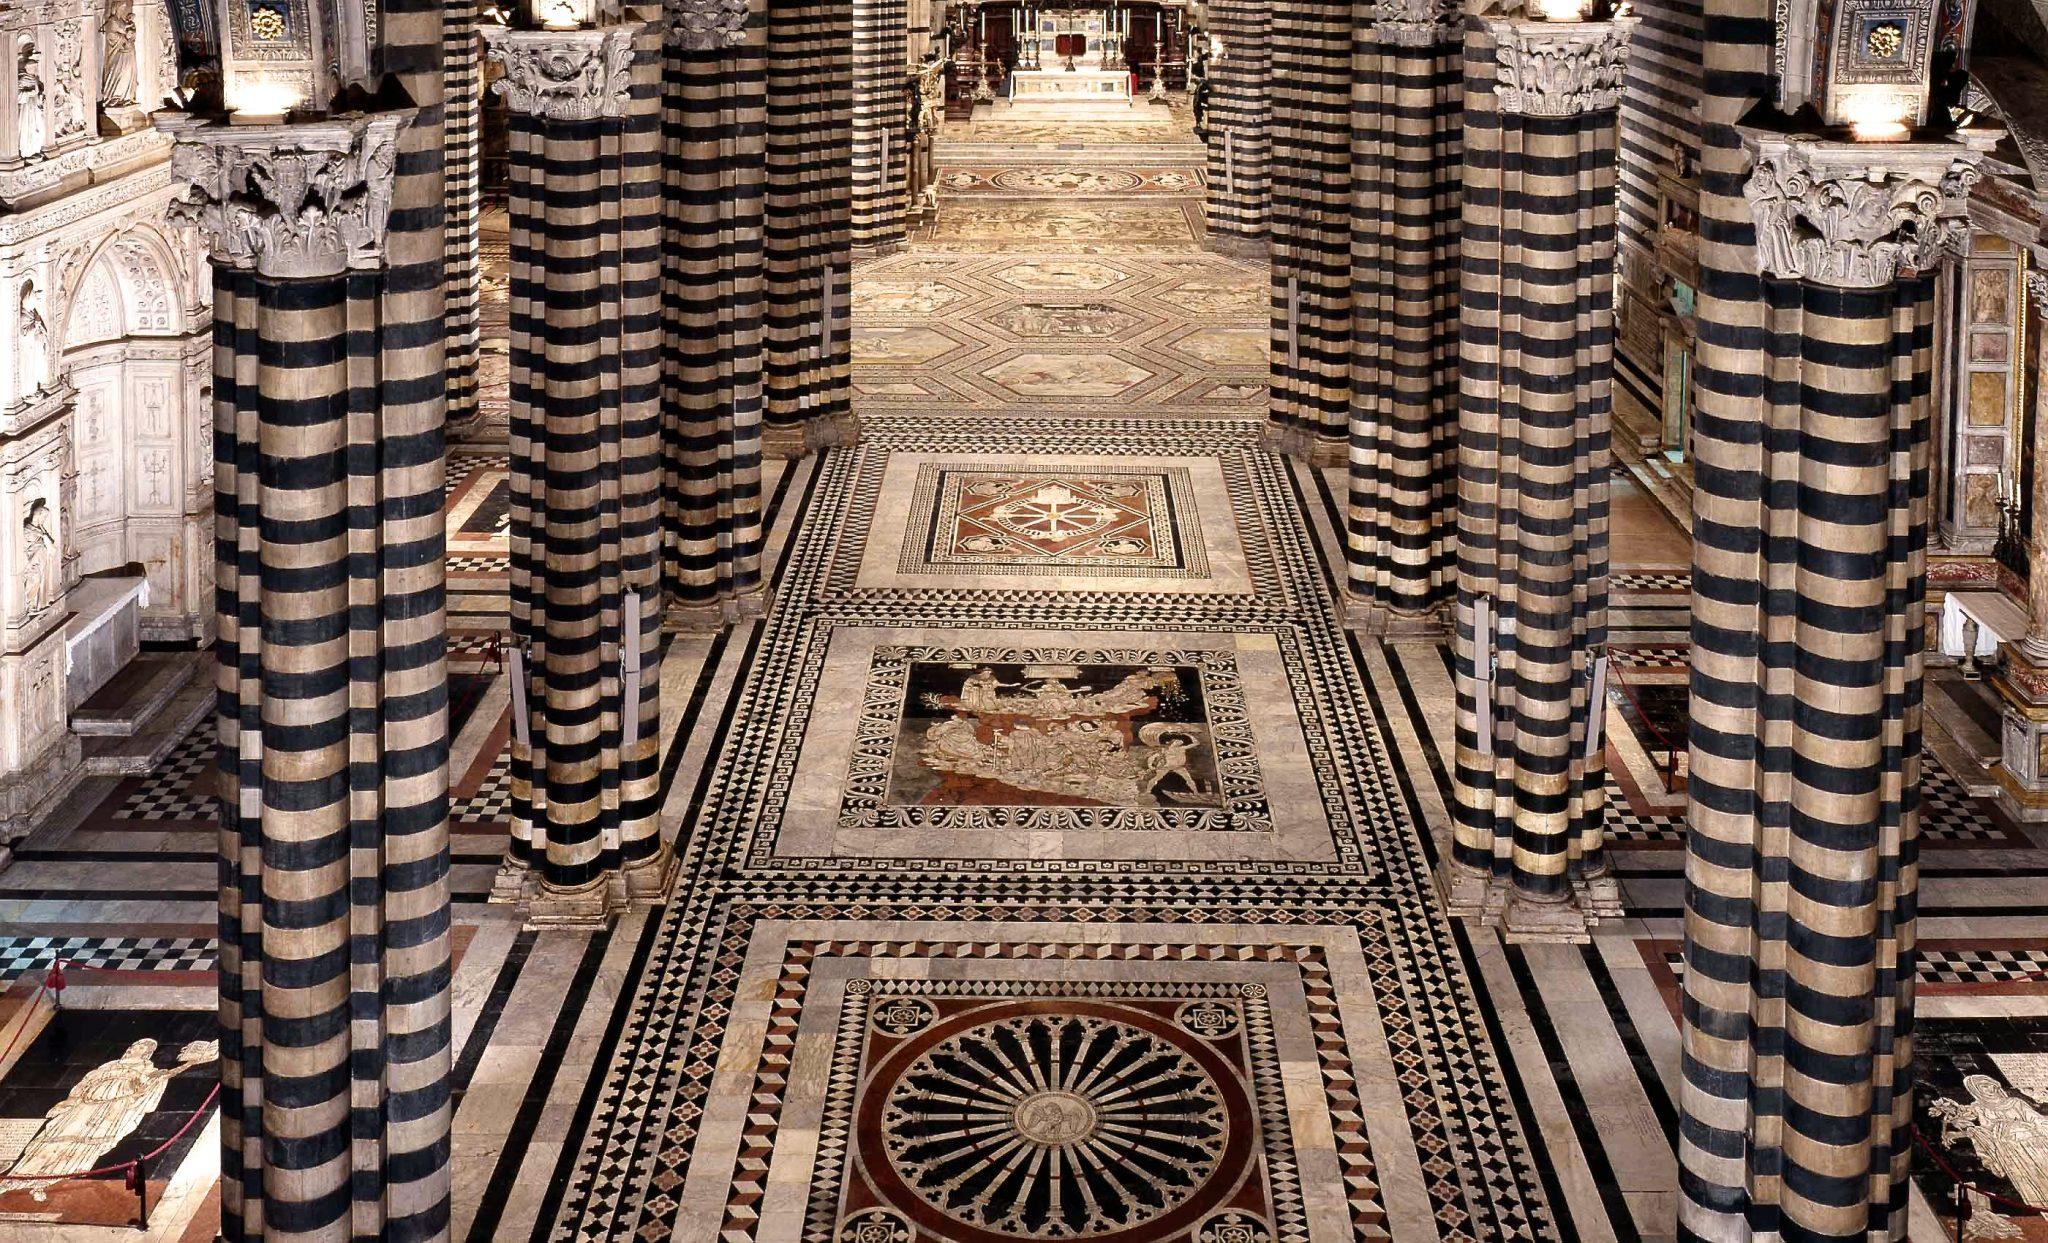 La navata centrale del Duomo di Siena